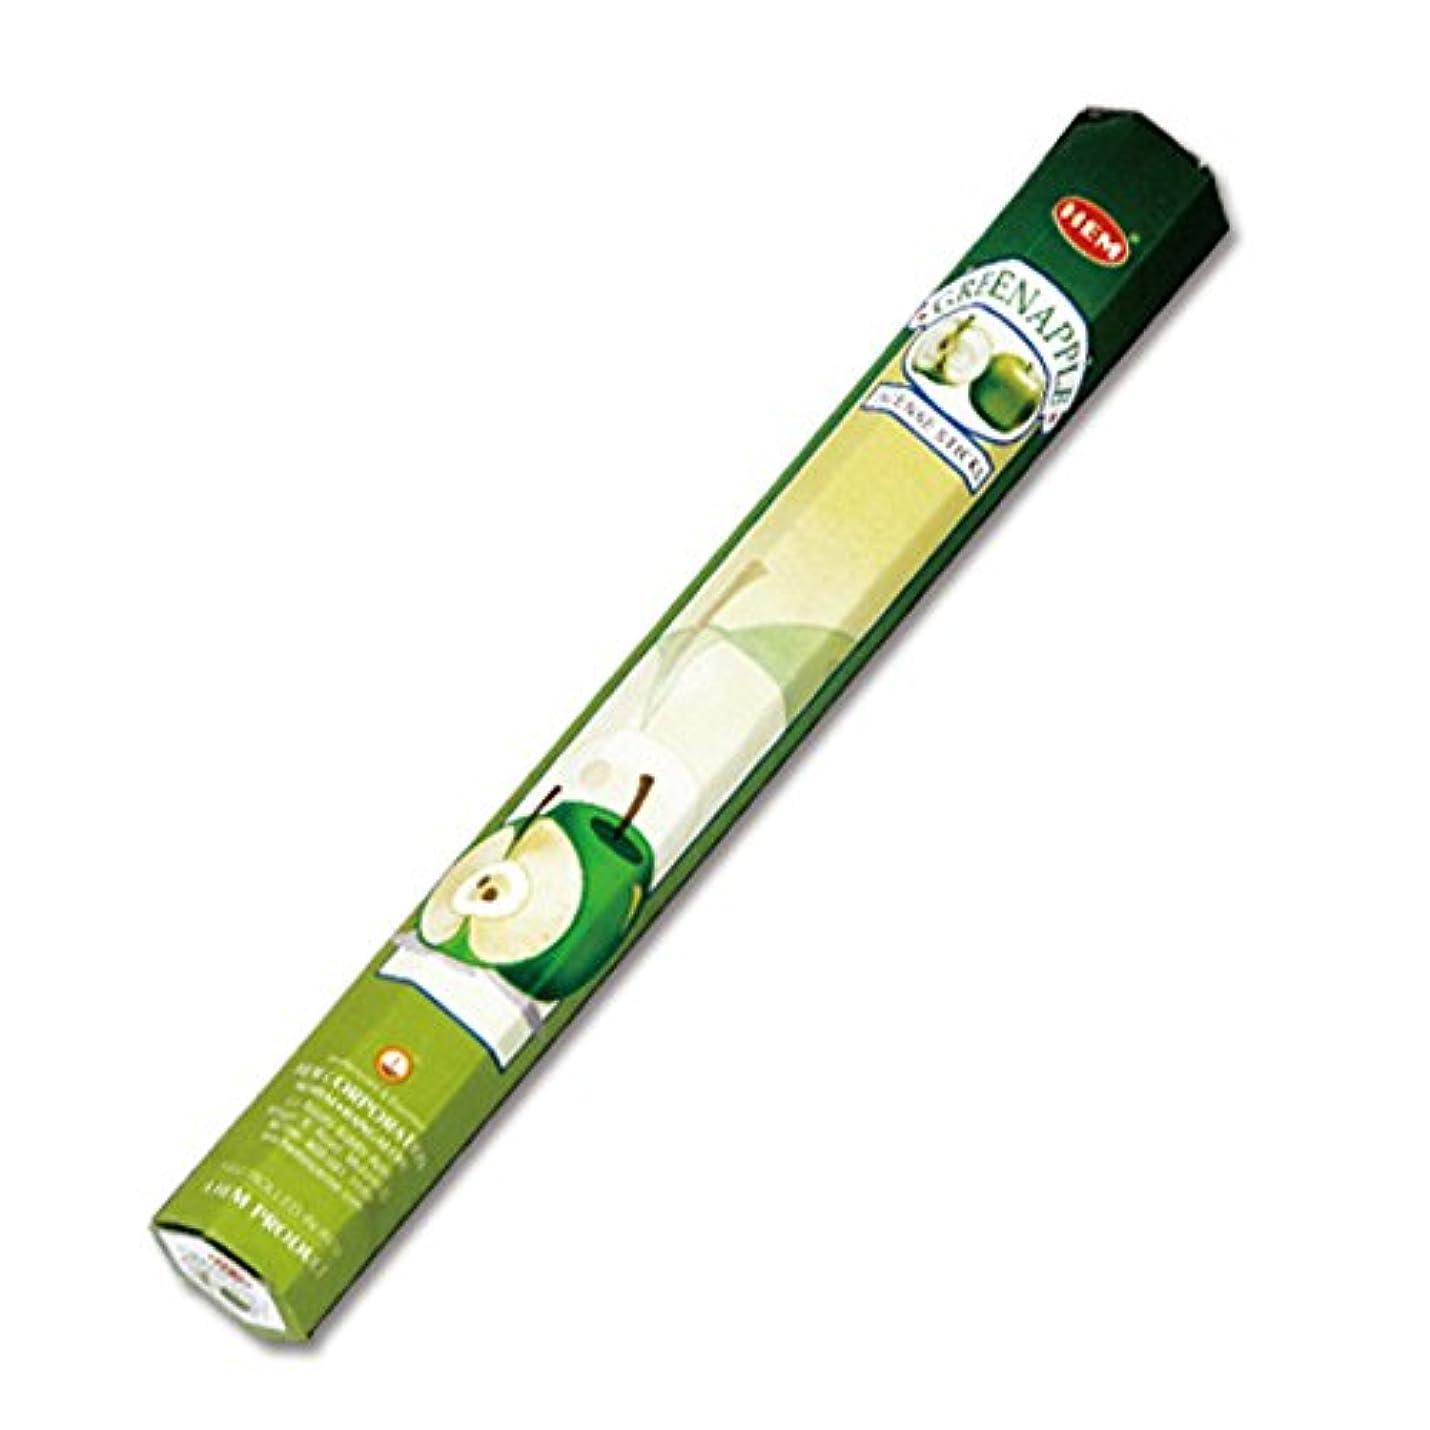 秋できた成長するHEM(ヘム) グリーン?アップル GREEN-APPLE スティックタイプ お香 1筒 単品 [並行輸入品]